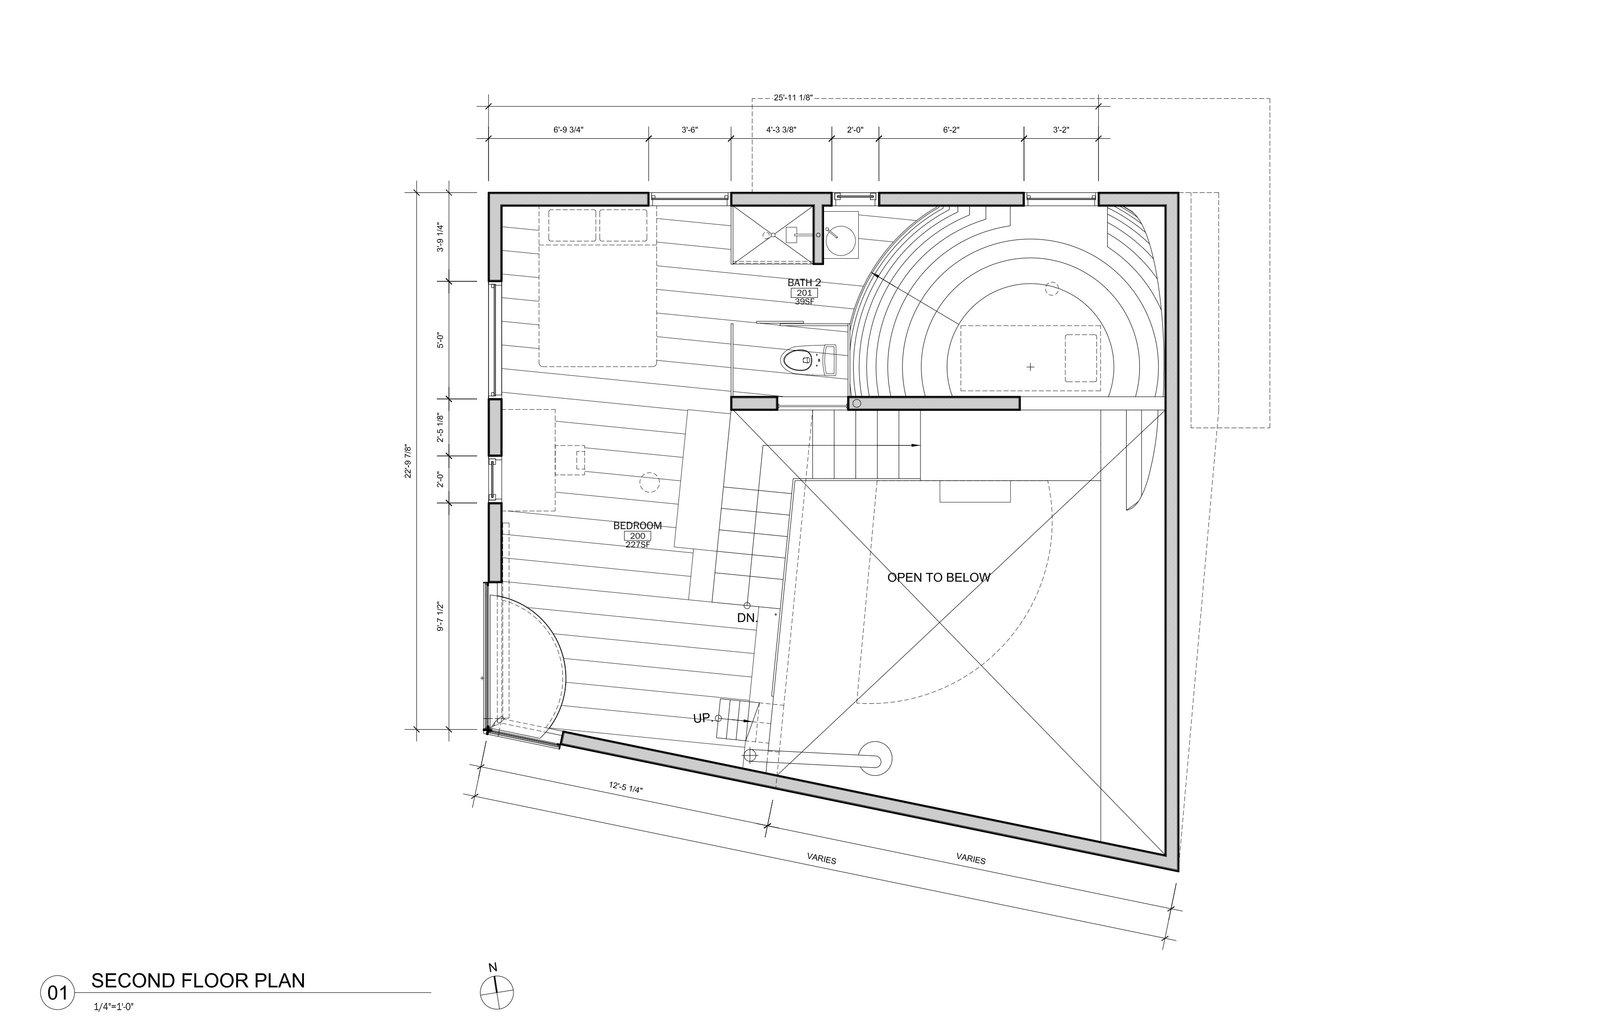 Ex of In House second floor plan